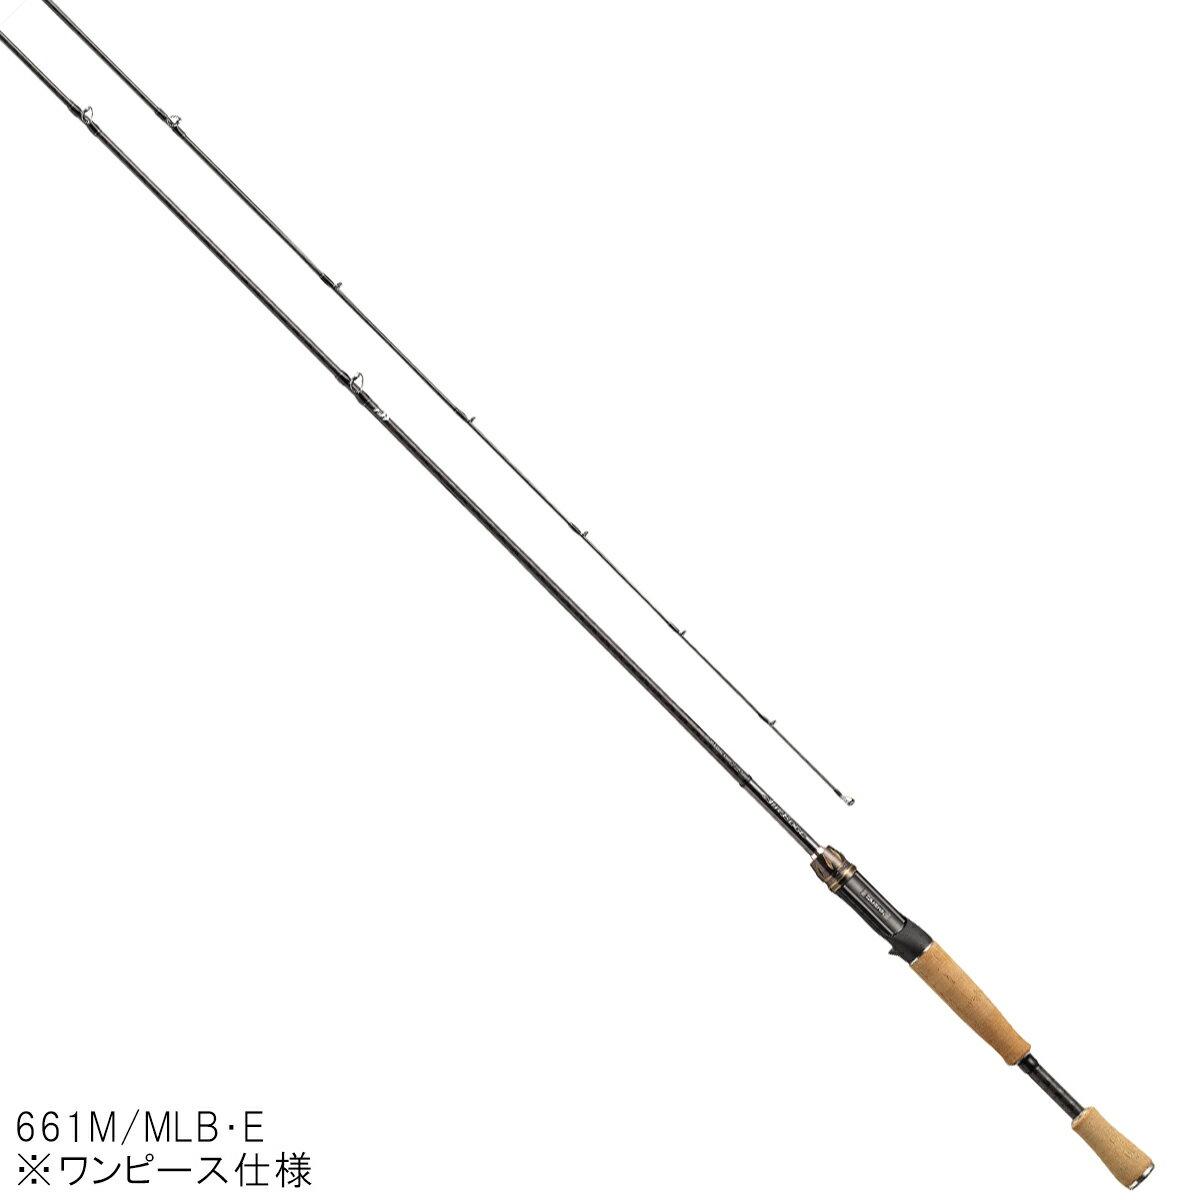 ダイワ エアエッジ・E ベイトキャスティングモデル 661M/MLB・E【大型商品】